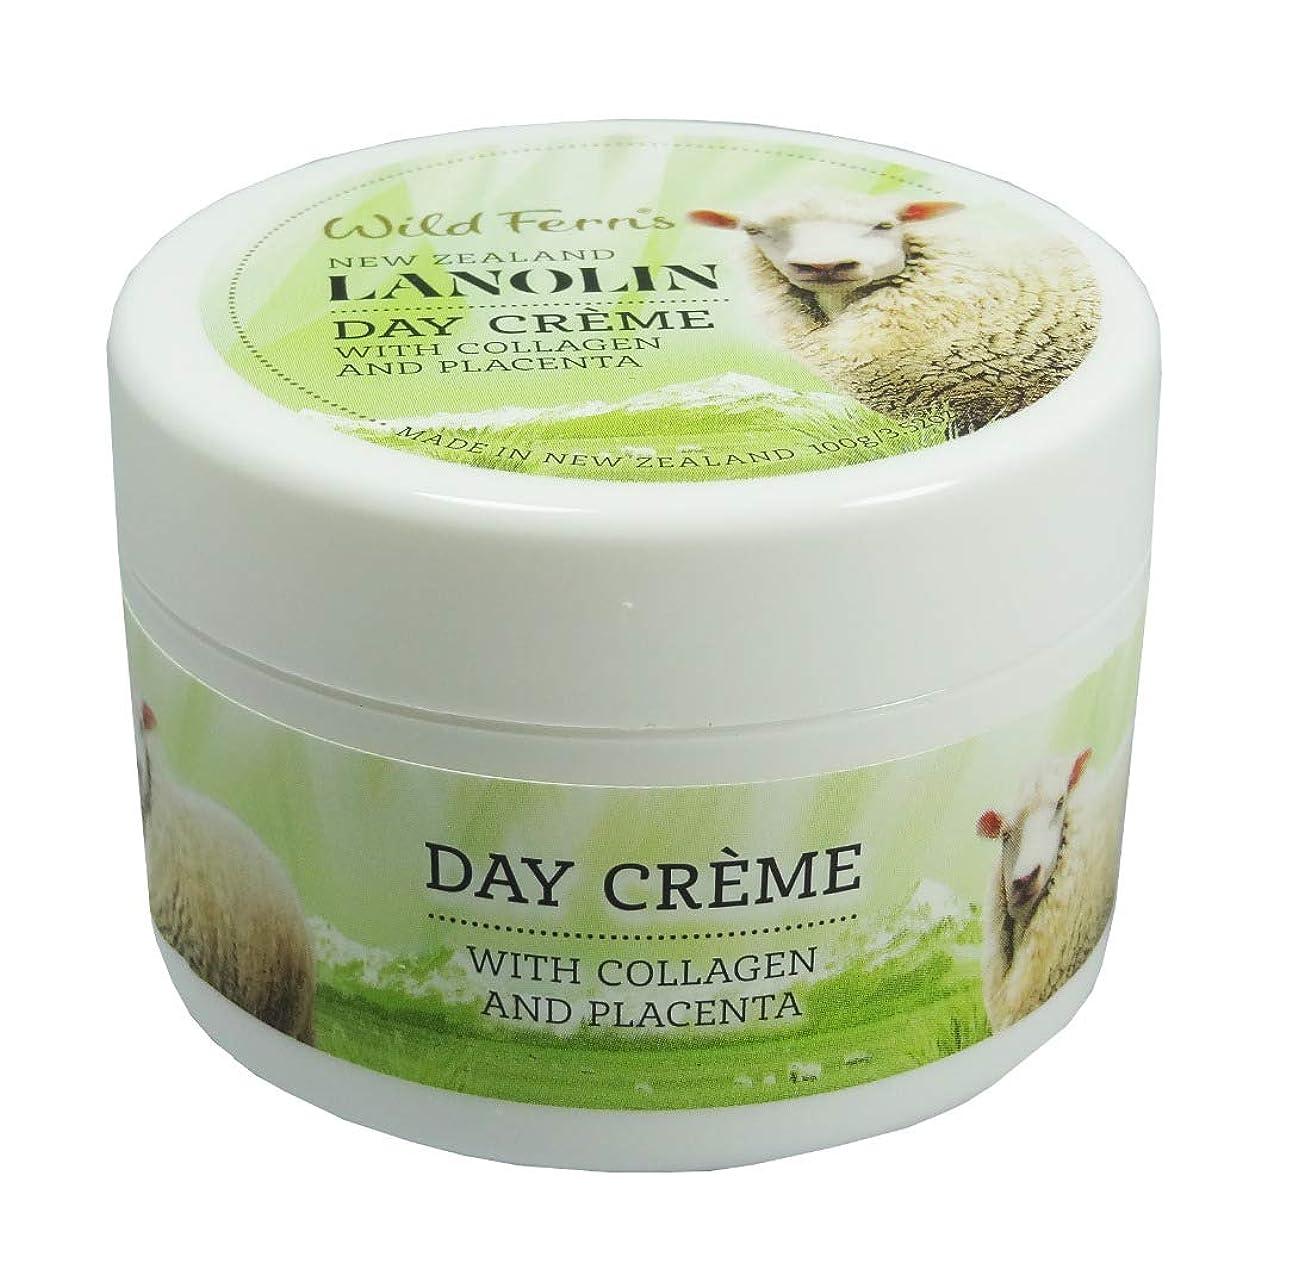 暴露する虚弱かすかなLanolin Day Creme Pot 100g